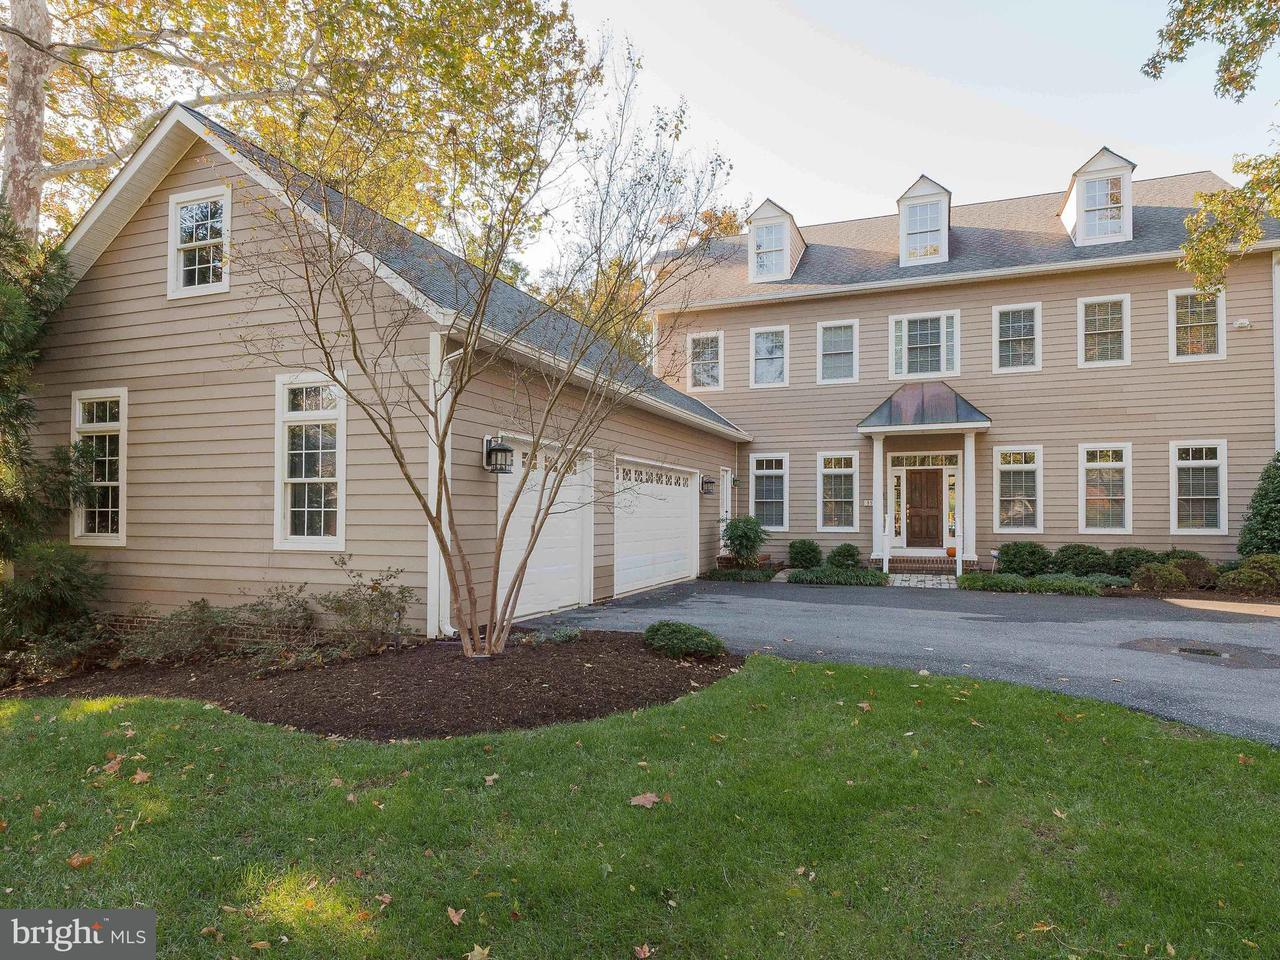 Casa Unifamiliar por un Venta en 3524 SOUTH RIVER TER 3524 SOUTH RIVER TER Edgewater, Maryland 21037 Estados Unidos